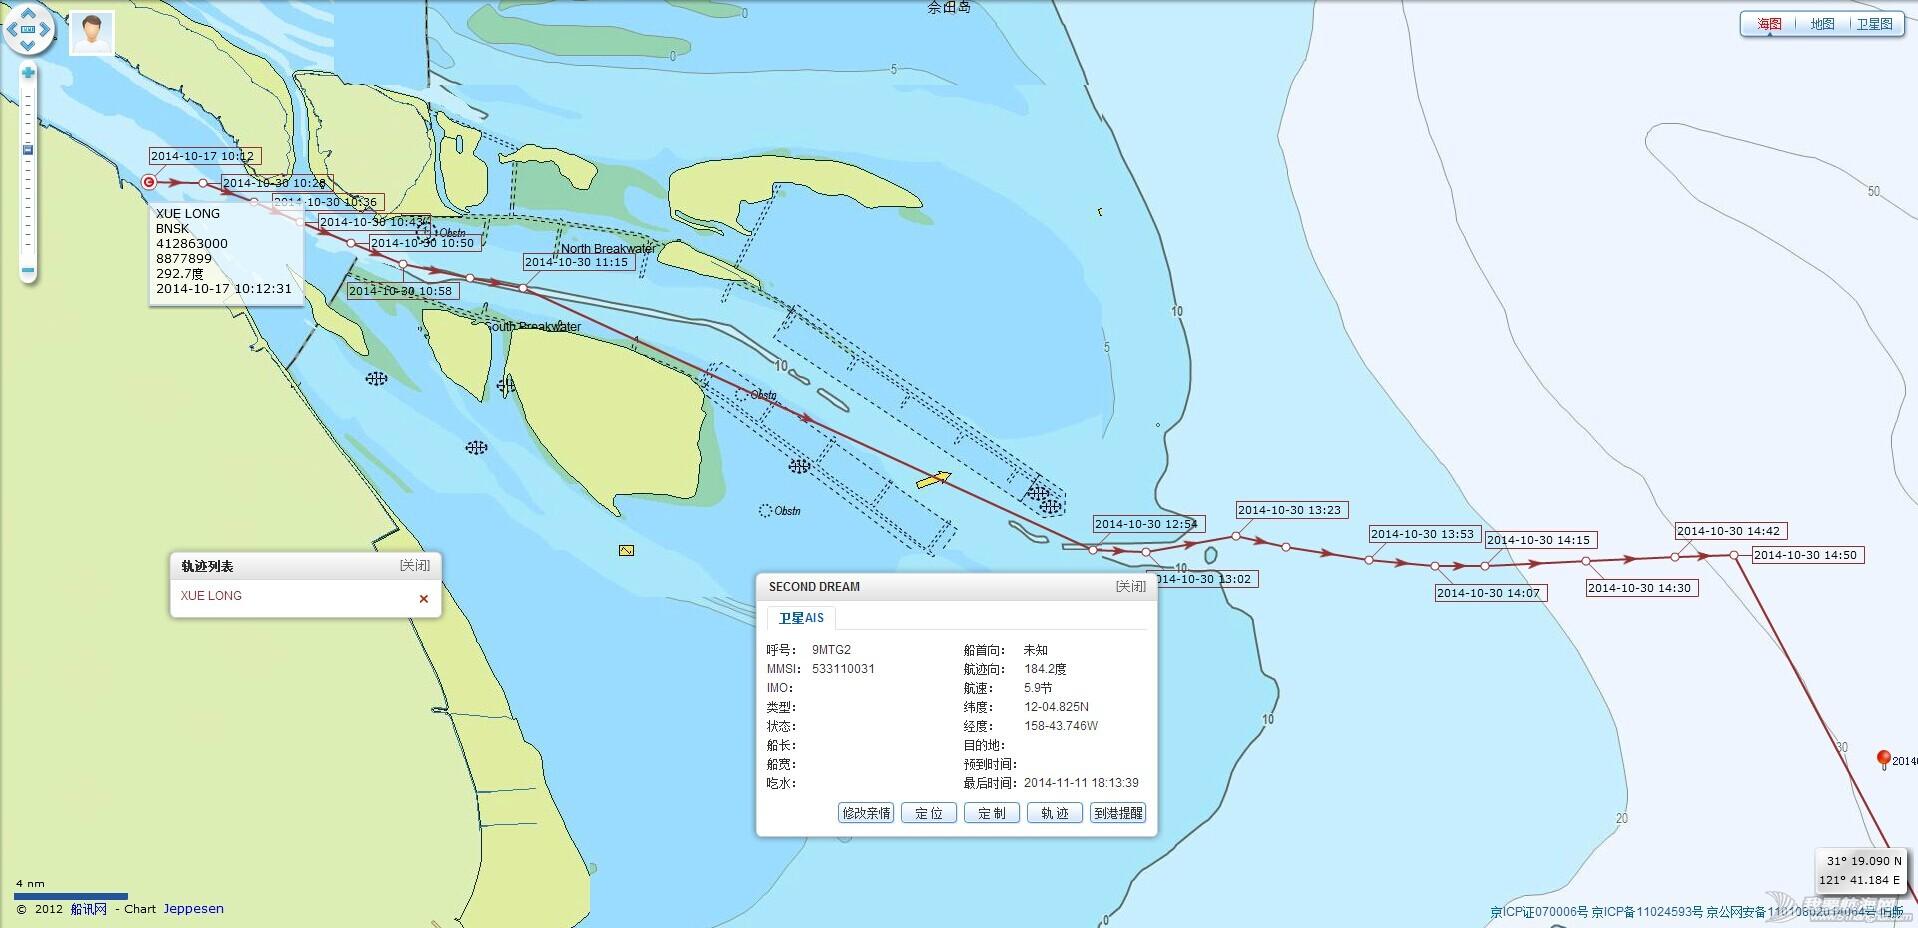 """雪龙号 【雪龙号动态】""""雪龙号""""再赴南极 QQ图片20141112022717.jpg"""